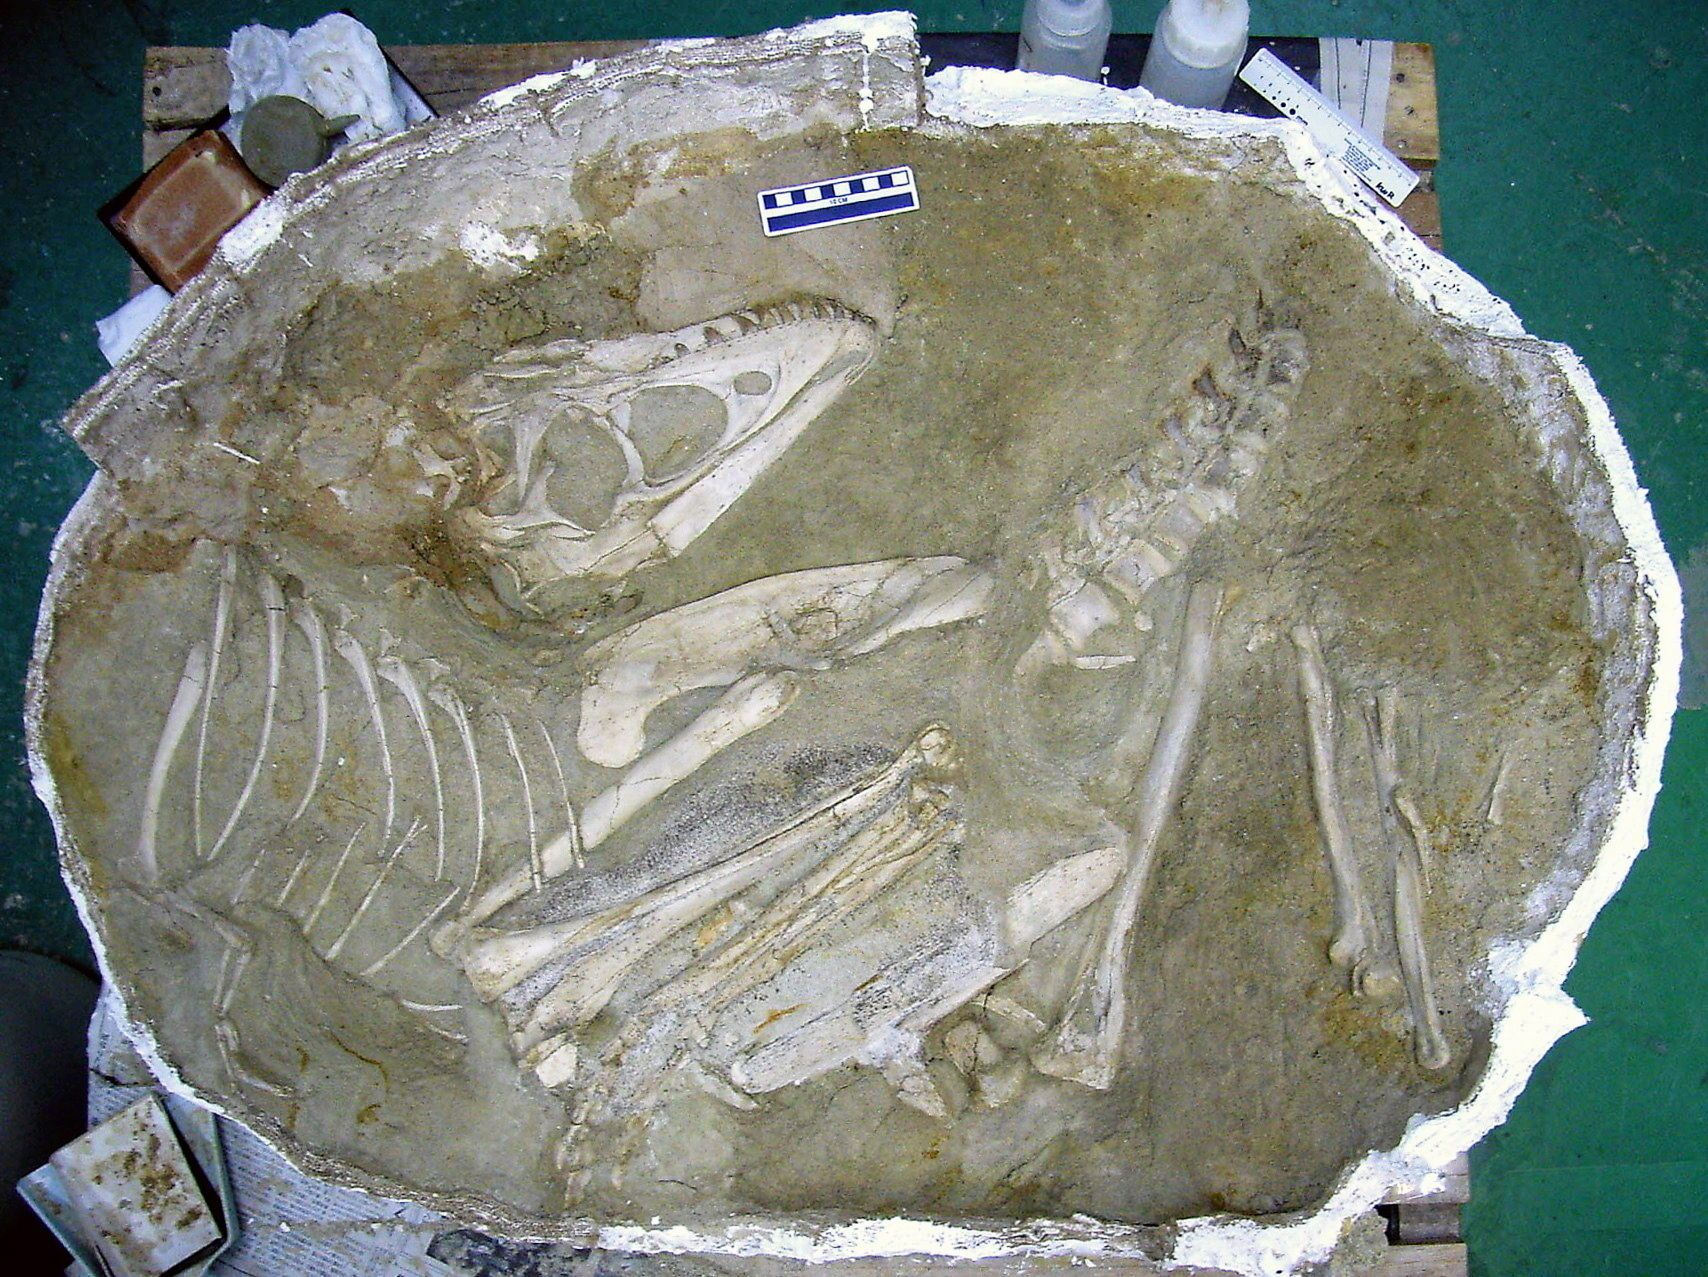 KOMPLETT PUSLESPILL: Fossile beinrester etter en ung dinosaur av arten Tarbosaurus som japanske forskere gravde ut t Gobiørkenen i Mongolia for to år siden. Etter et møysommelig arbeid er nå alle deler unntatt enkelte bein i halsregionen og haletippen på plass i en rekonstruksjon av dyret.